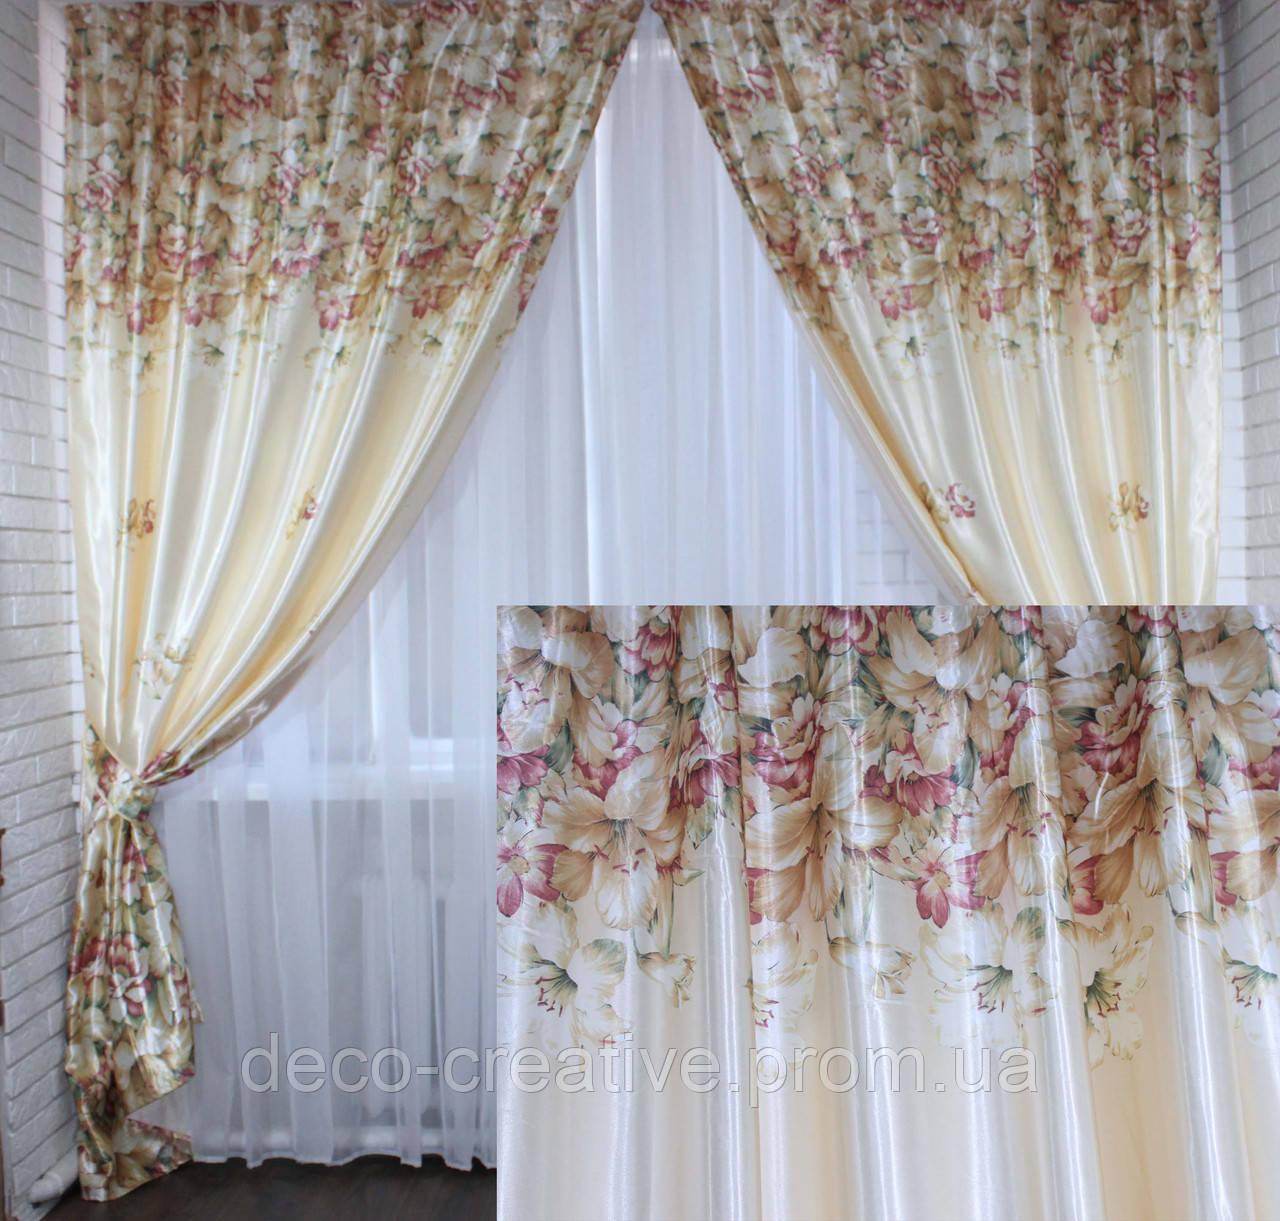 Комплект готовых штор  блэкаут 237ш  2 шторы шириной по 1м.